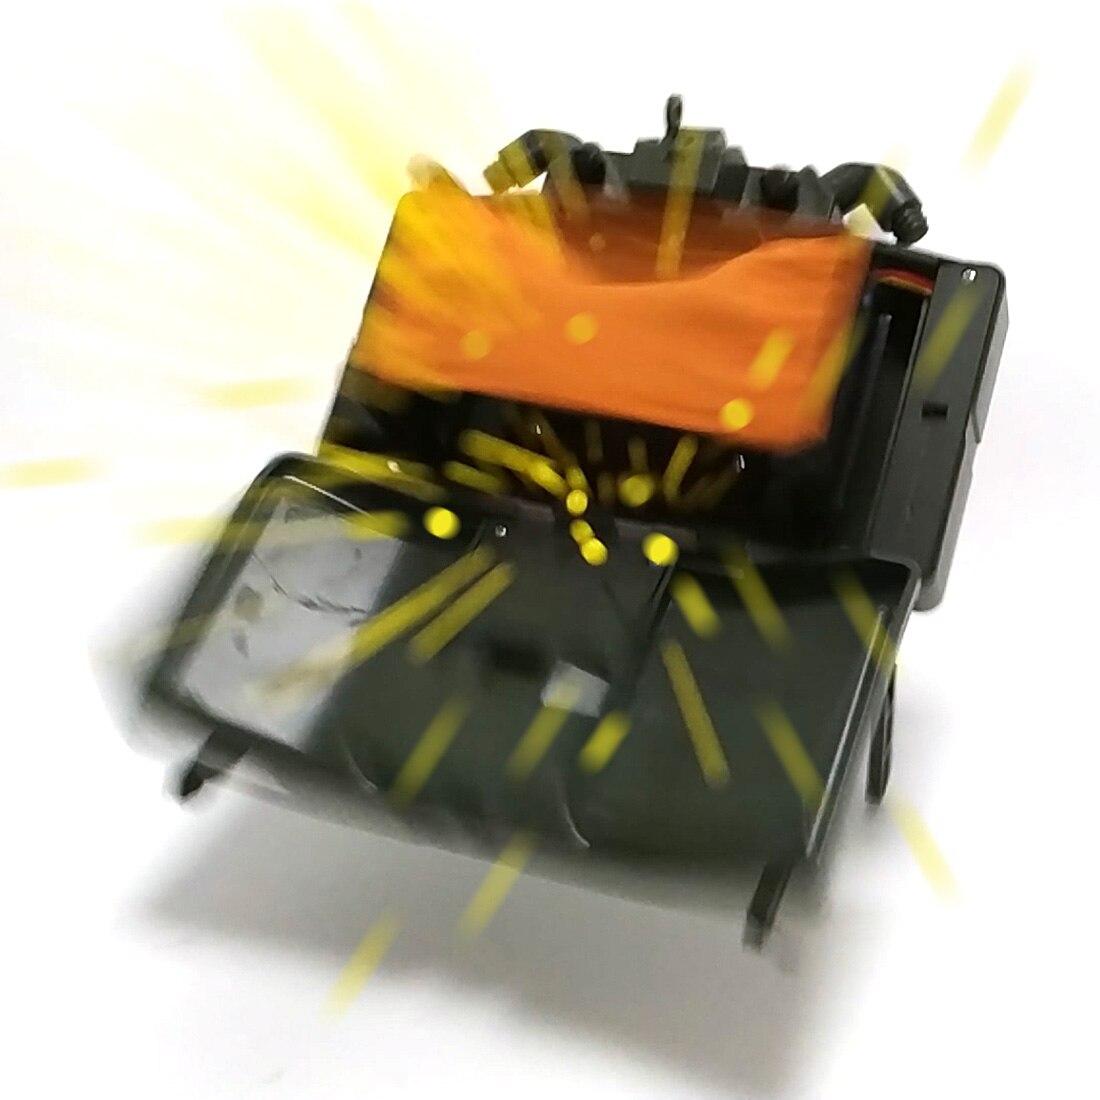 Camouflage Infrarouge Induction gel aqueux Perles Bombe antiperson Piège Jouet avec détecteur de mouvement pour Airsoft Wargame pour Nerf CS jeu